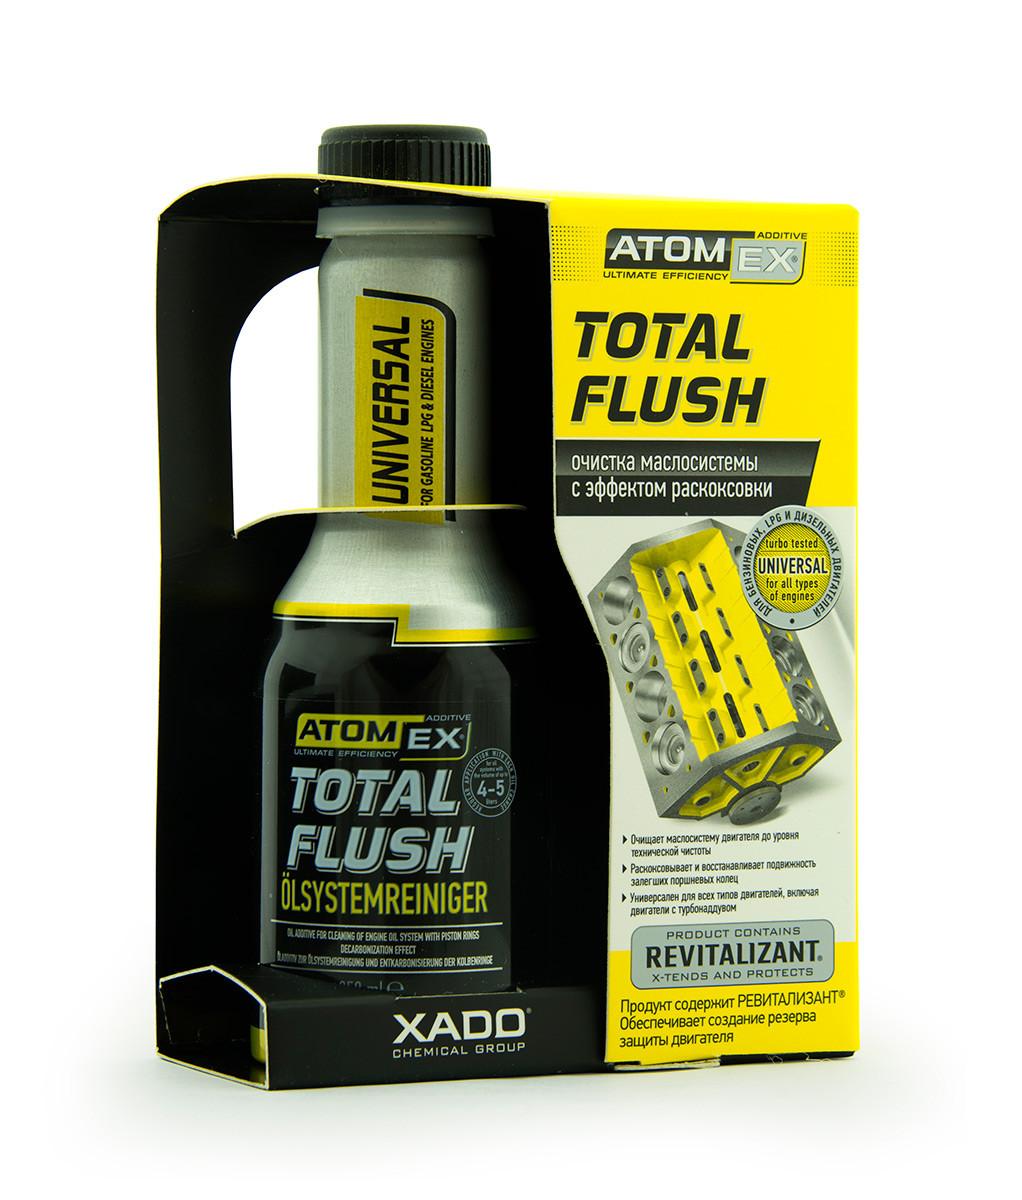 TotalFlush- Очиститель маслосистемы двигателей с эффектом раскоксовки поршневых колец. 250 ml.